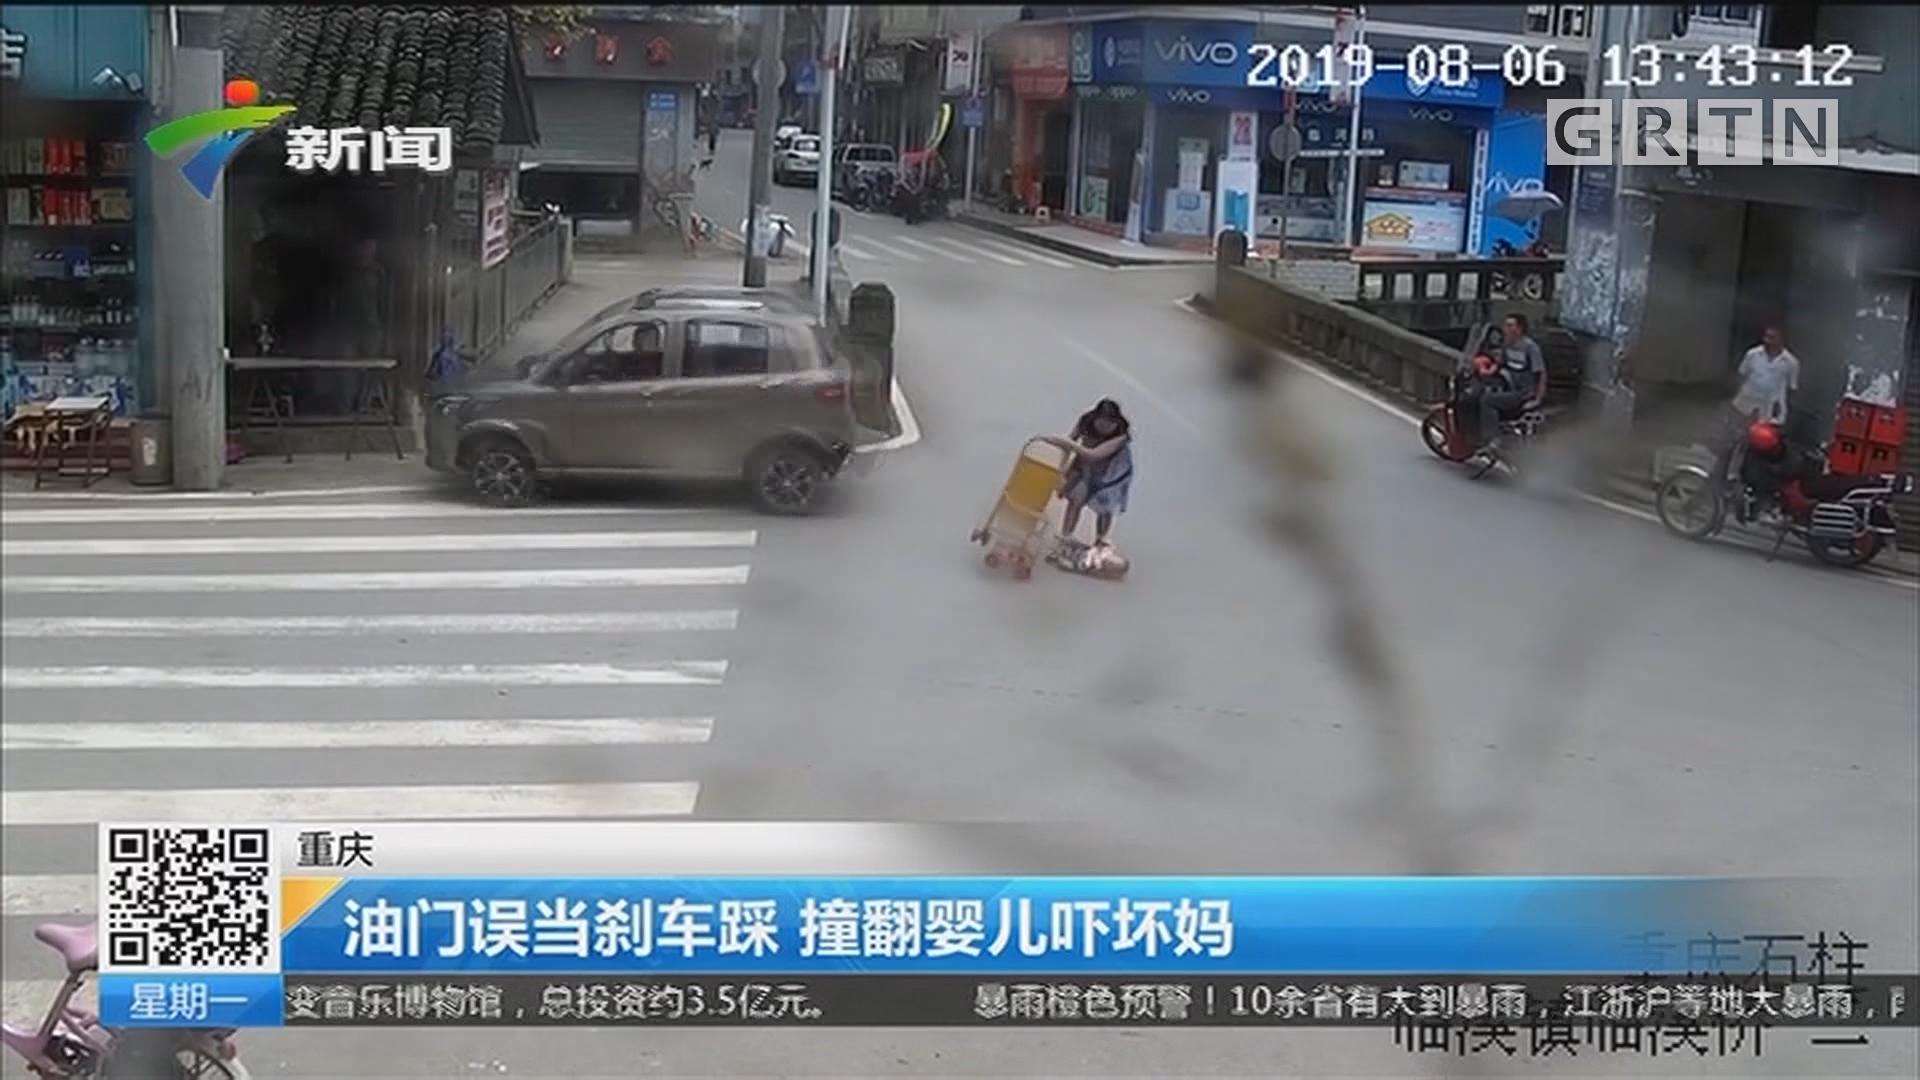 重庆:油门误当刹车踩 撞翻婴儿吓坏妈